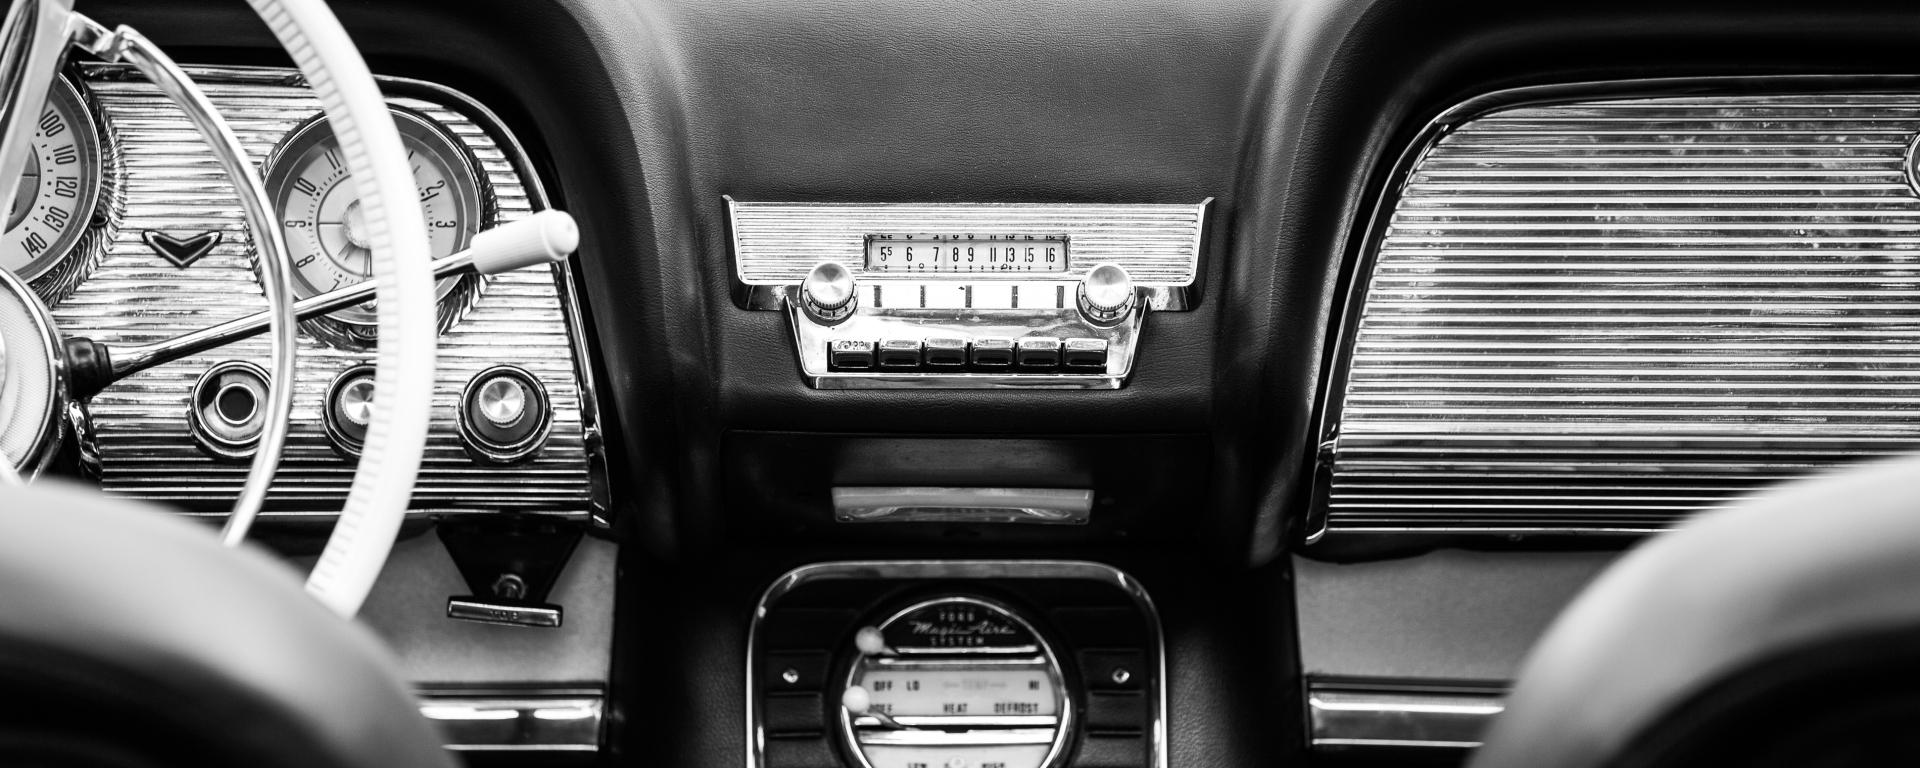 بالصور اكسسوارات سيارات , بعض كماليات السيارات 6176 2